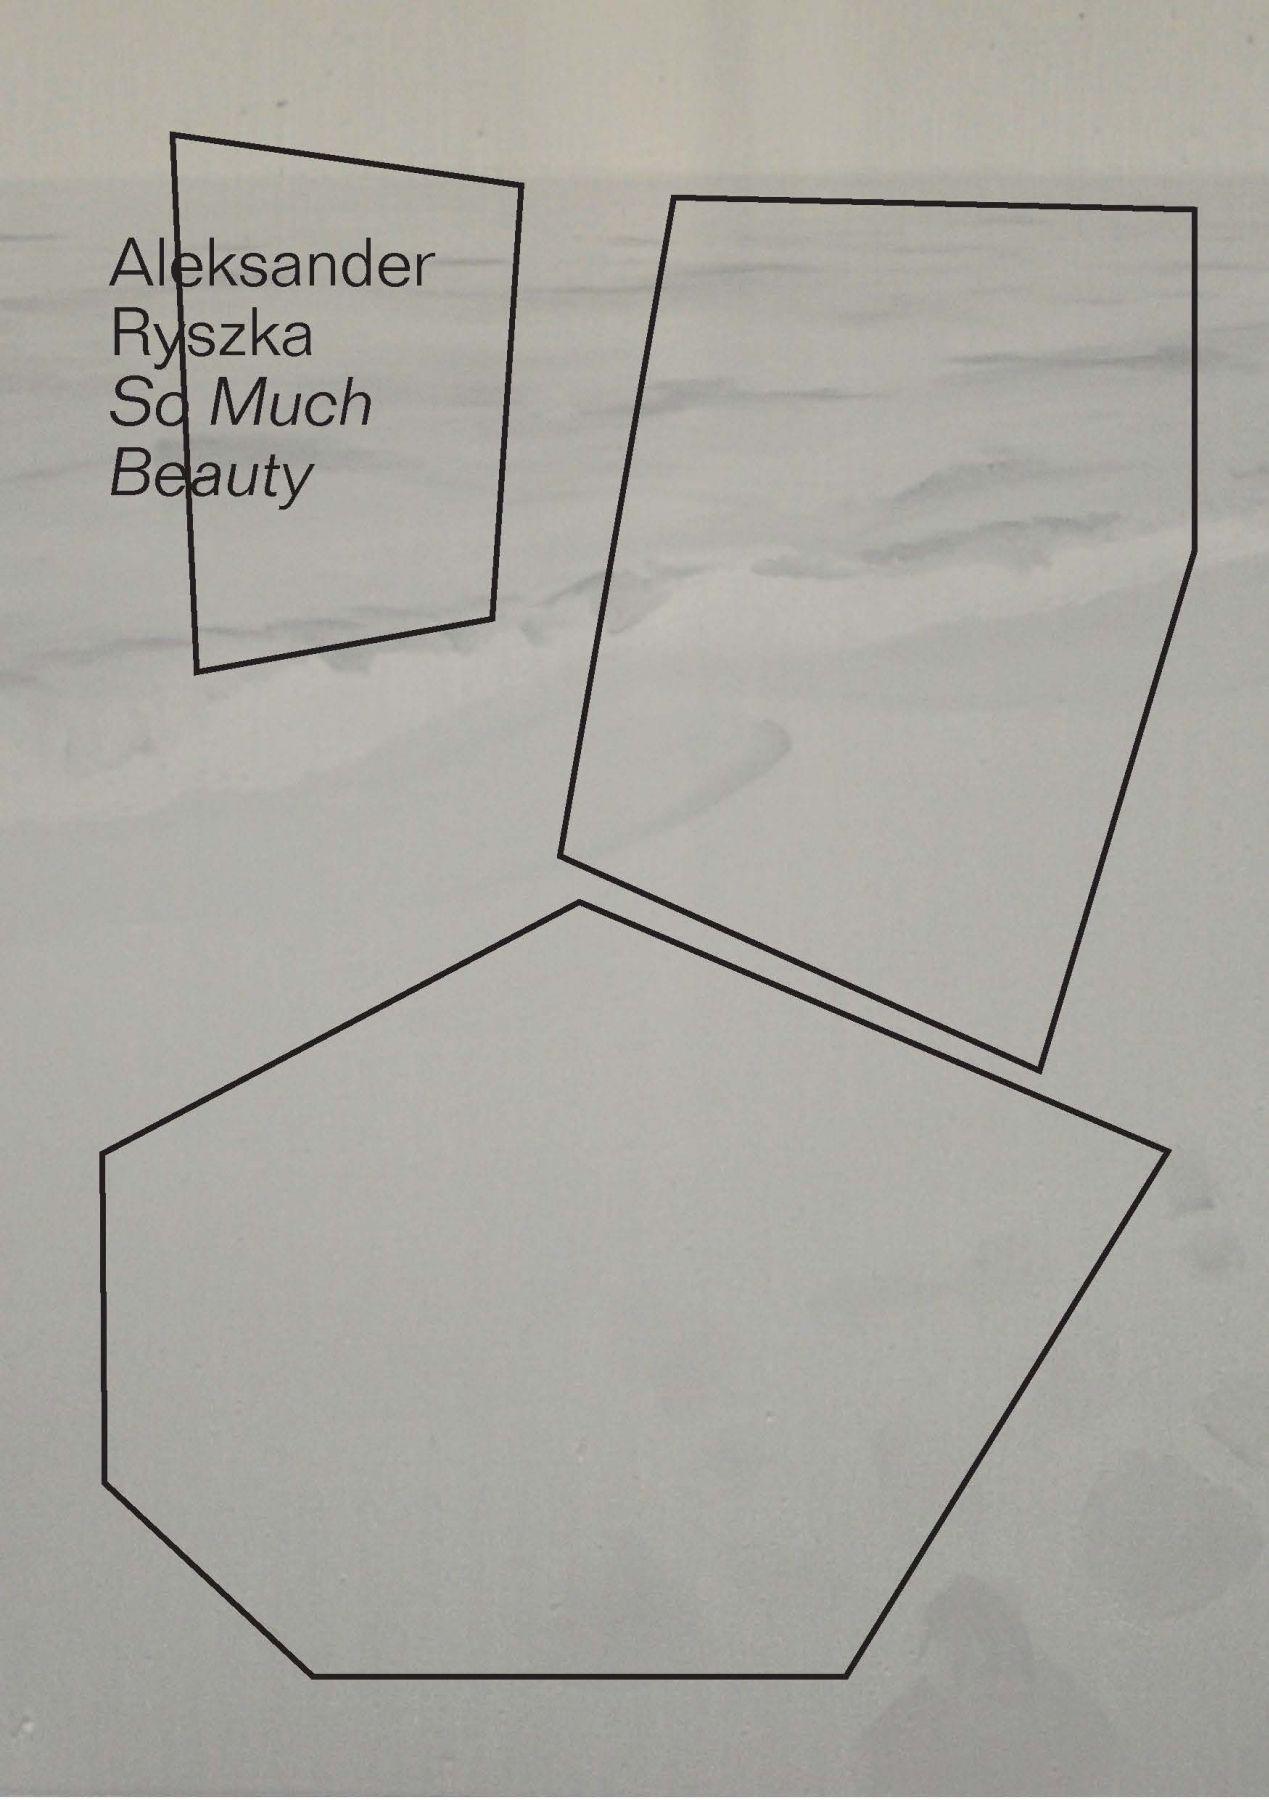 """Aleksander Ryszka, """"So much beauty"""" – plakat (źródło: materiały prasowe organizatora)"""